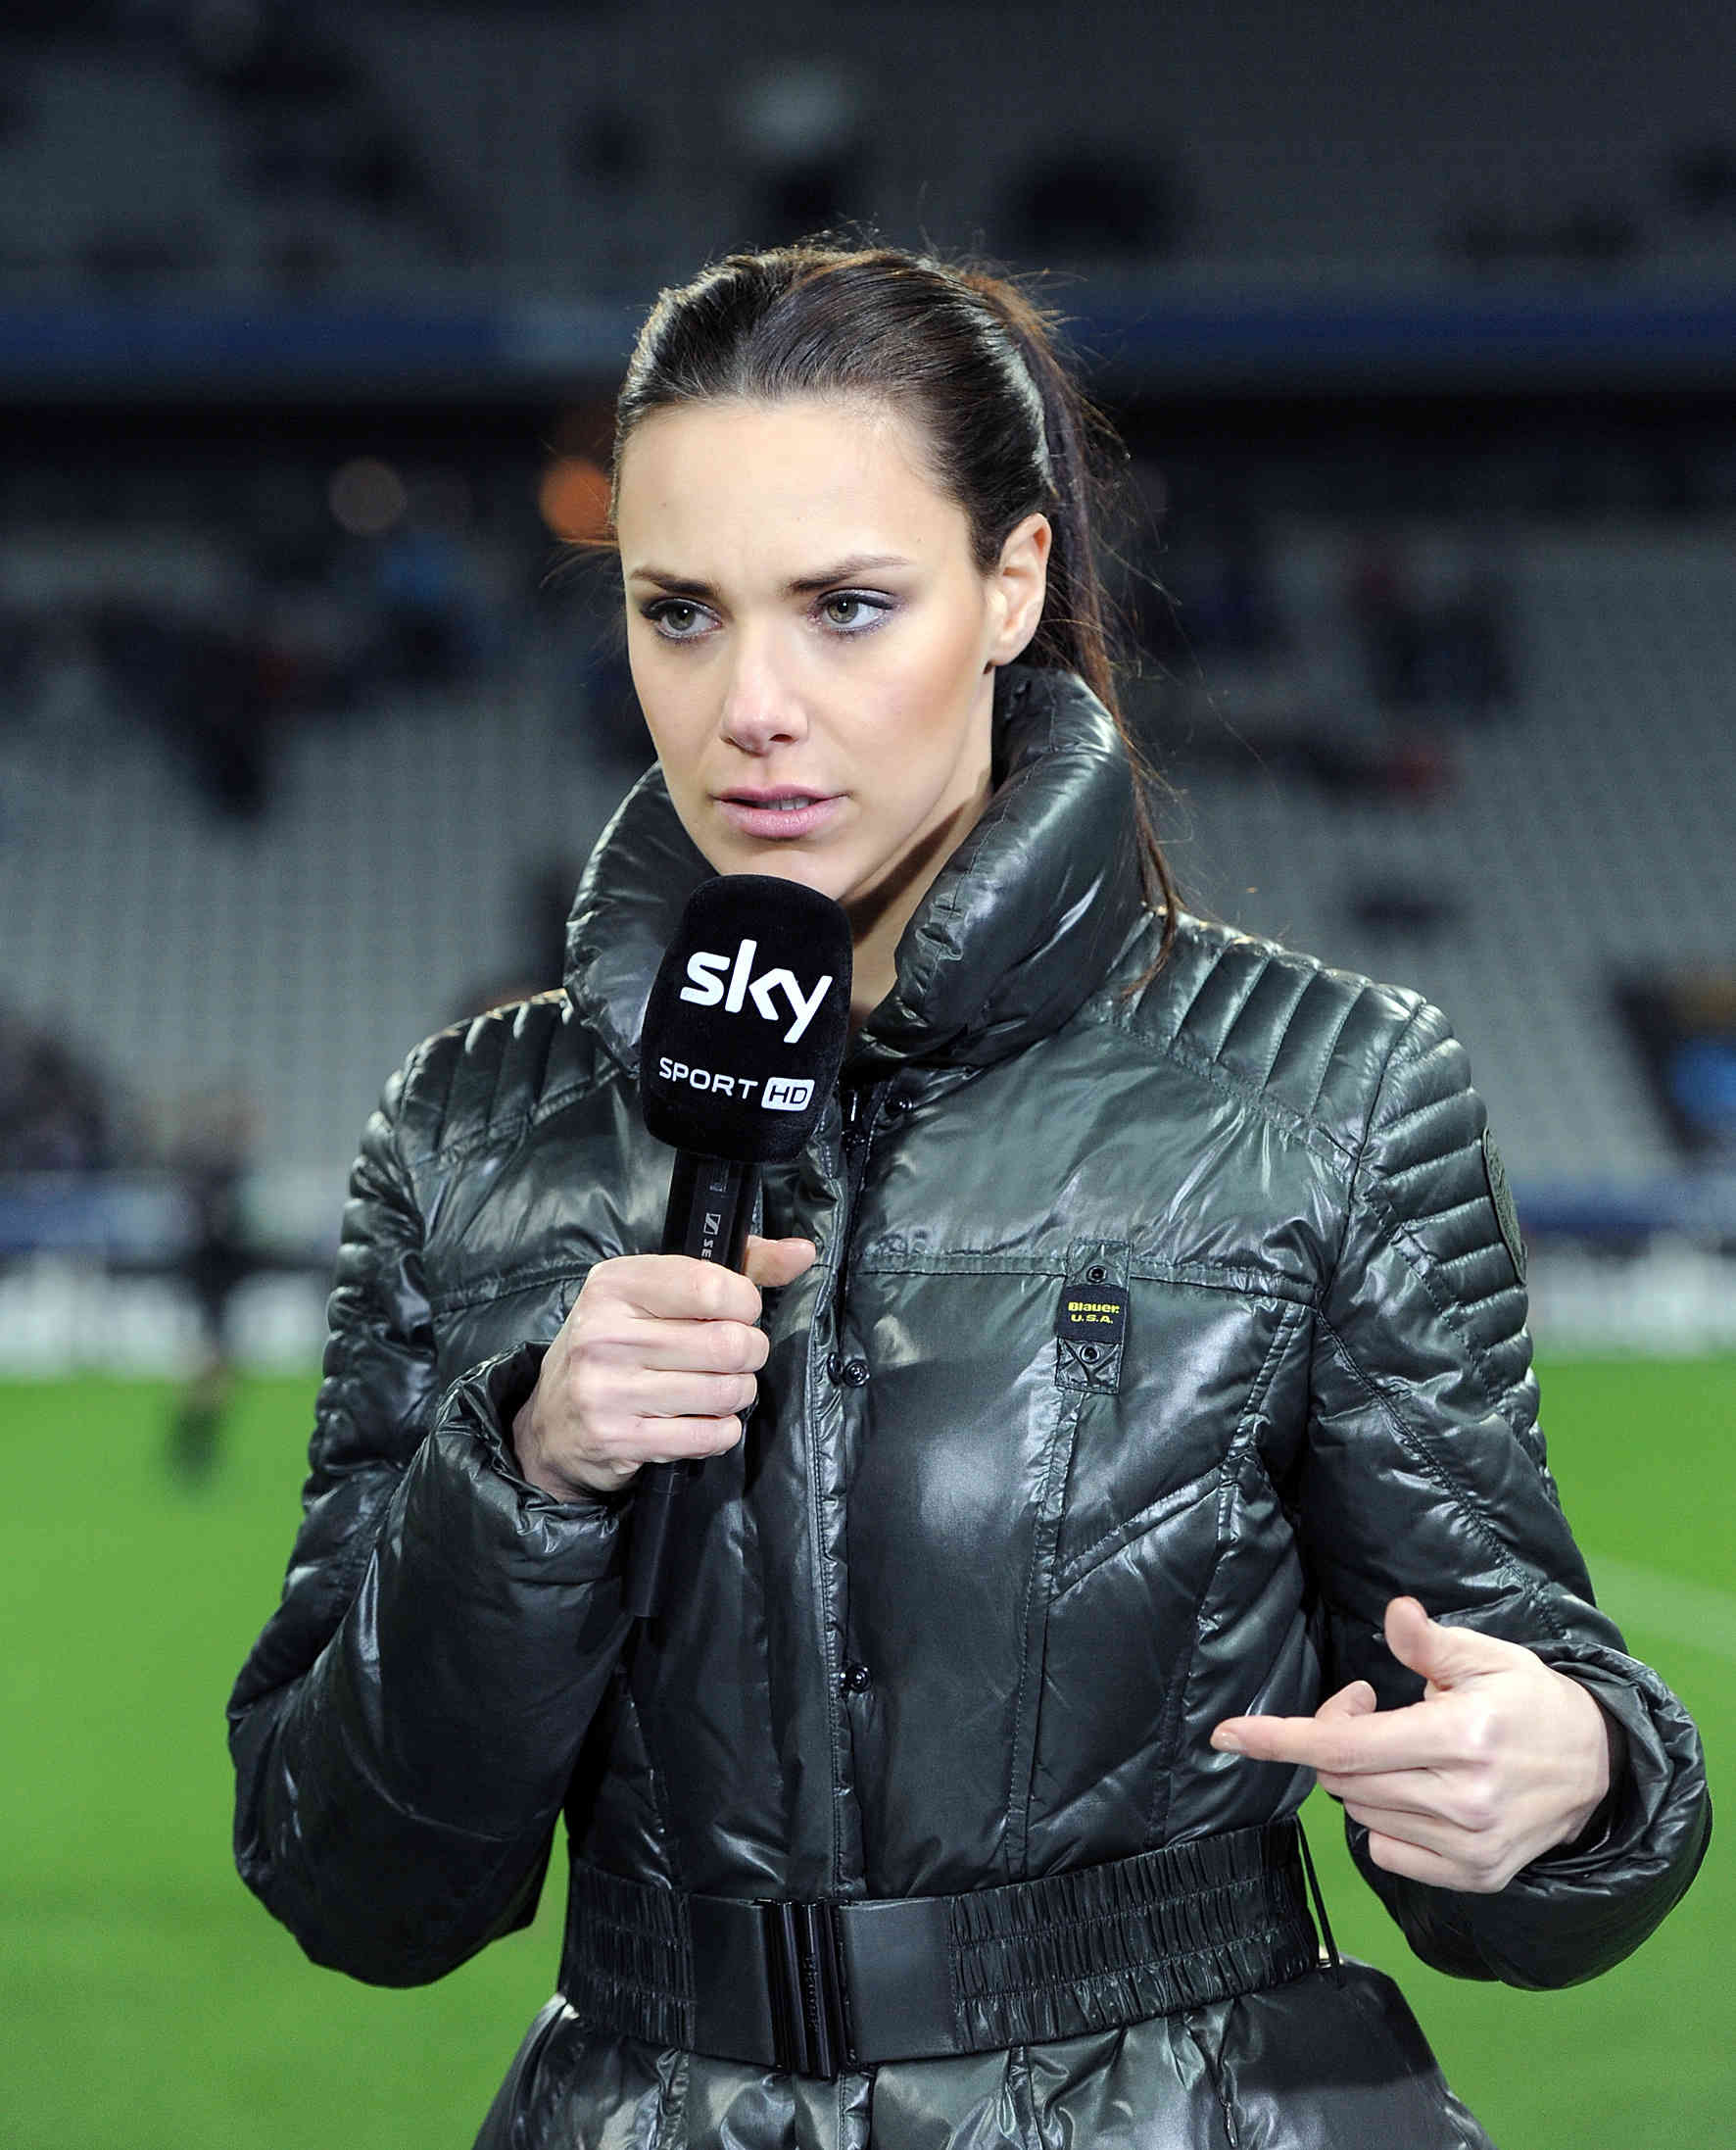 Esther Sedlaczek Sky Moderatorin Ist Schwanger Und Verlobt